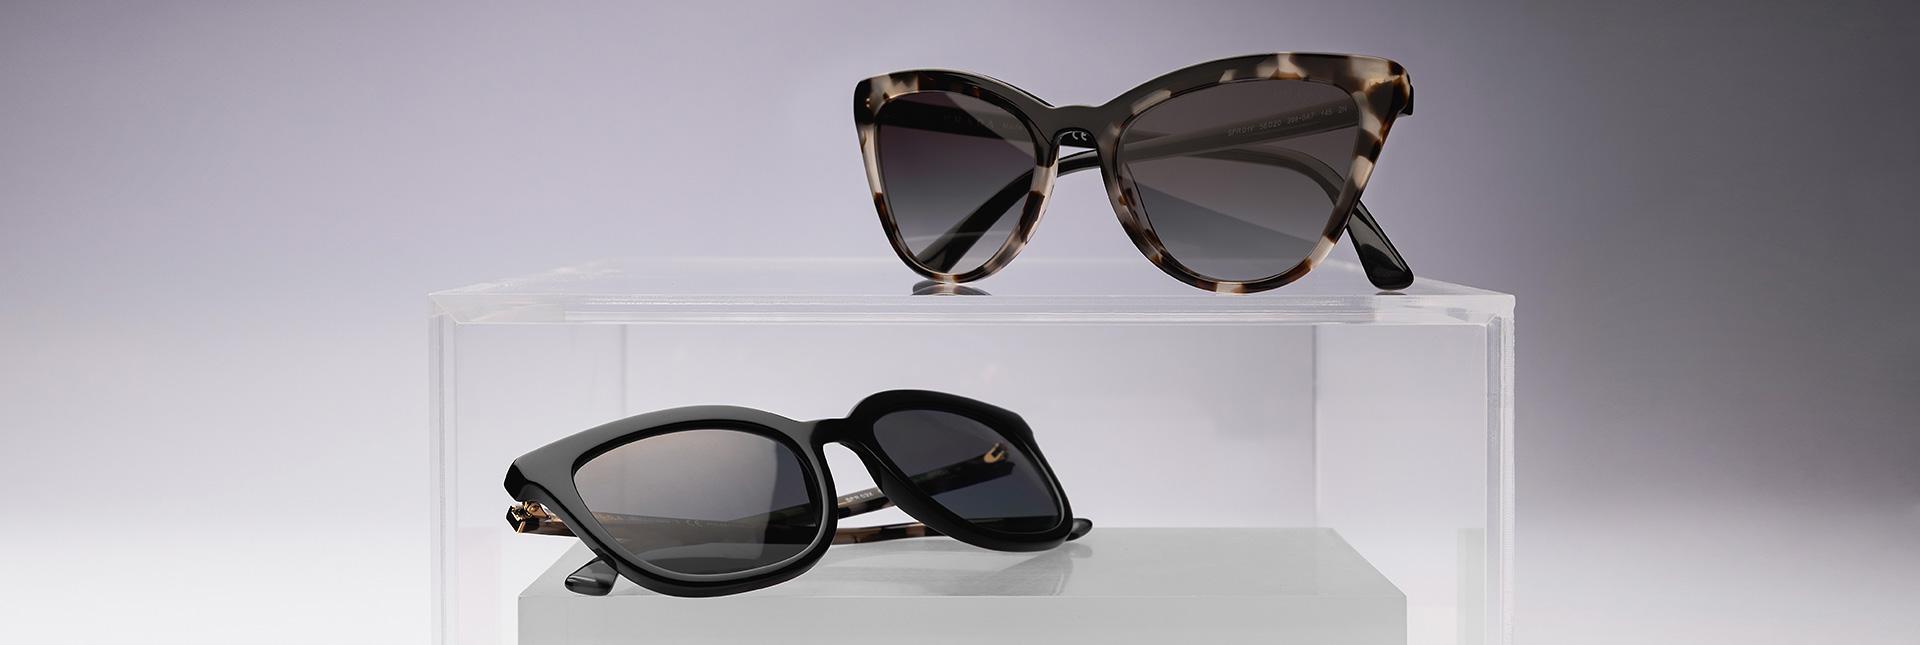 Prada® Sunglasses